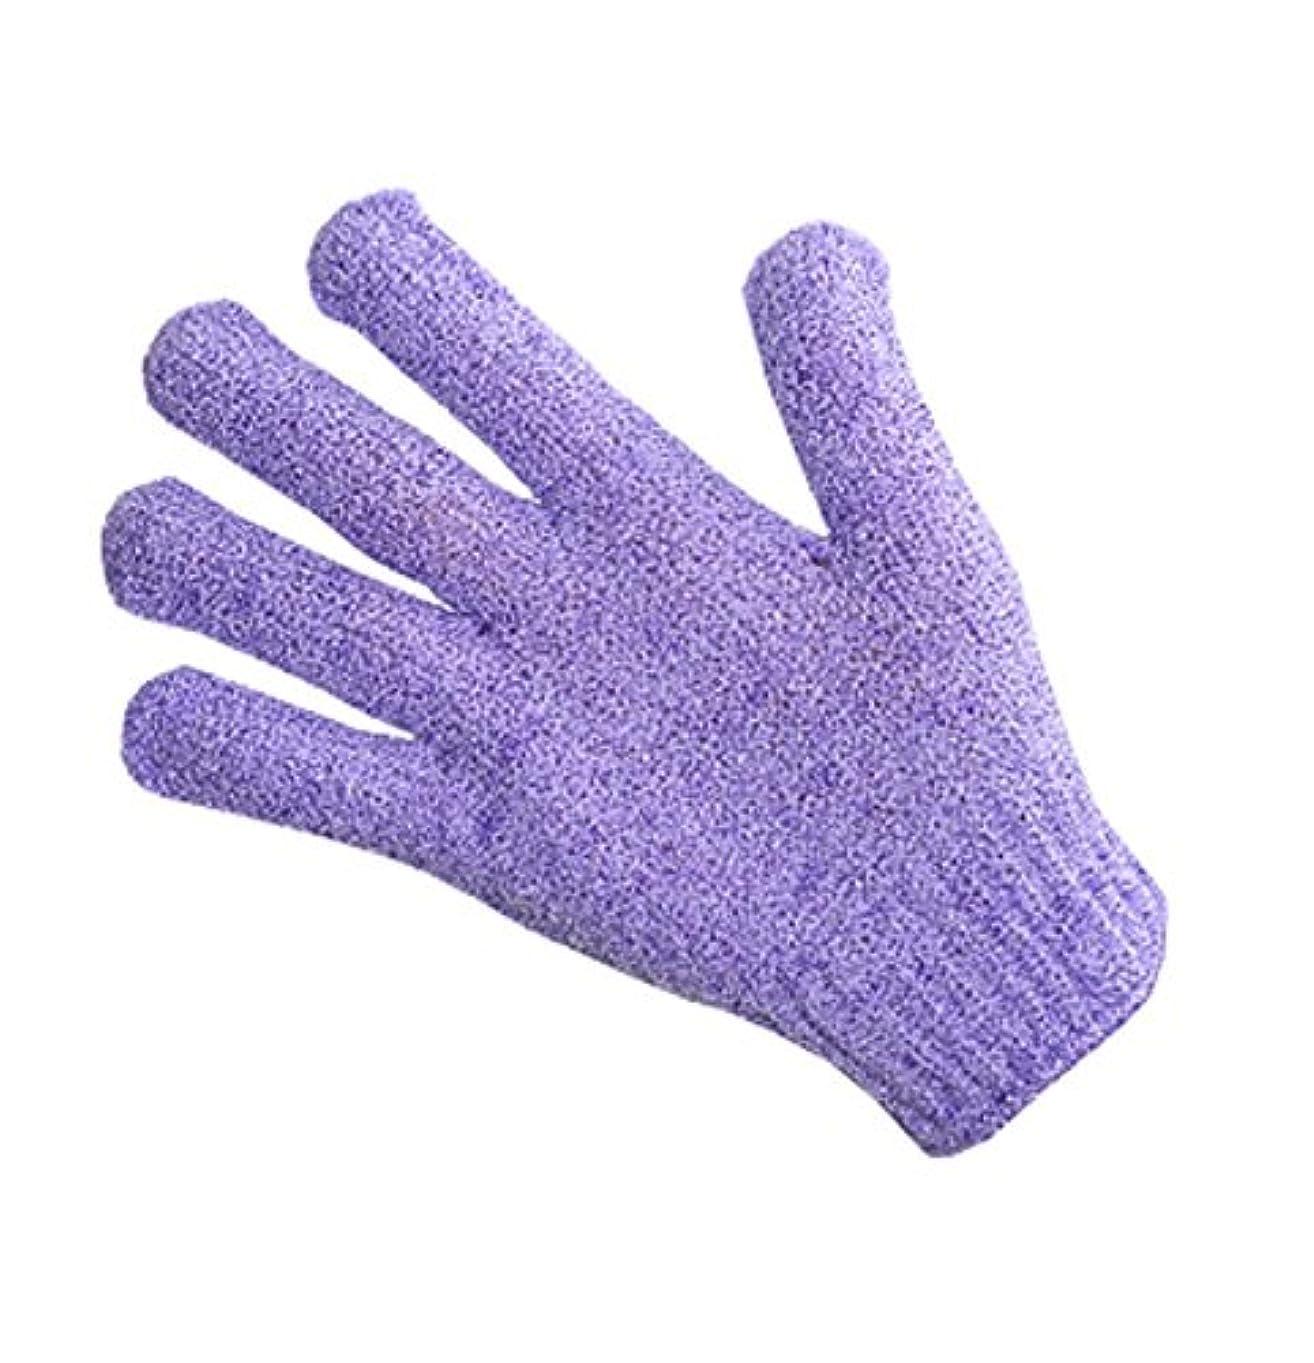 ベアリングサークル受付活力指、バスタオルエクスフォリエイティングラビングタオルボディバック-1ペア、紫